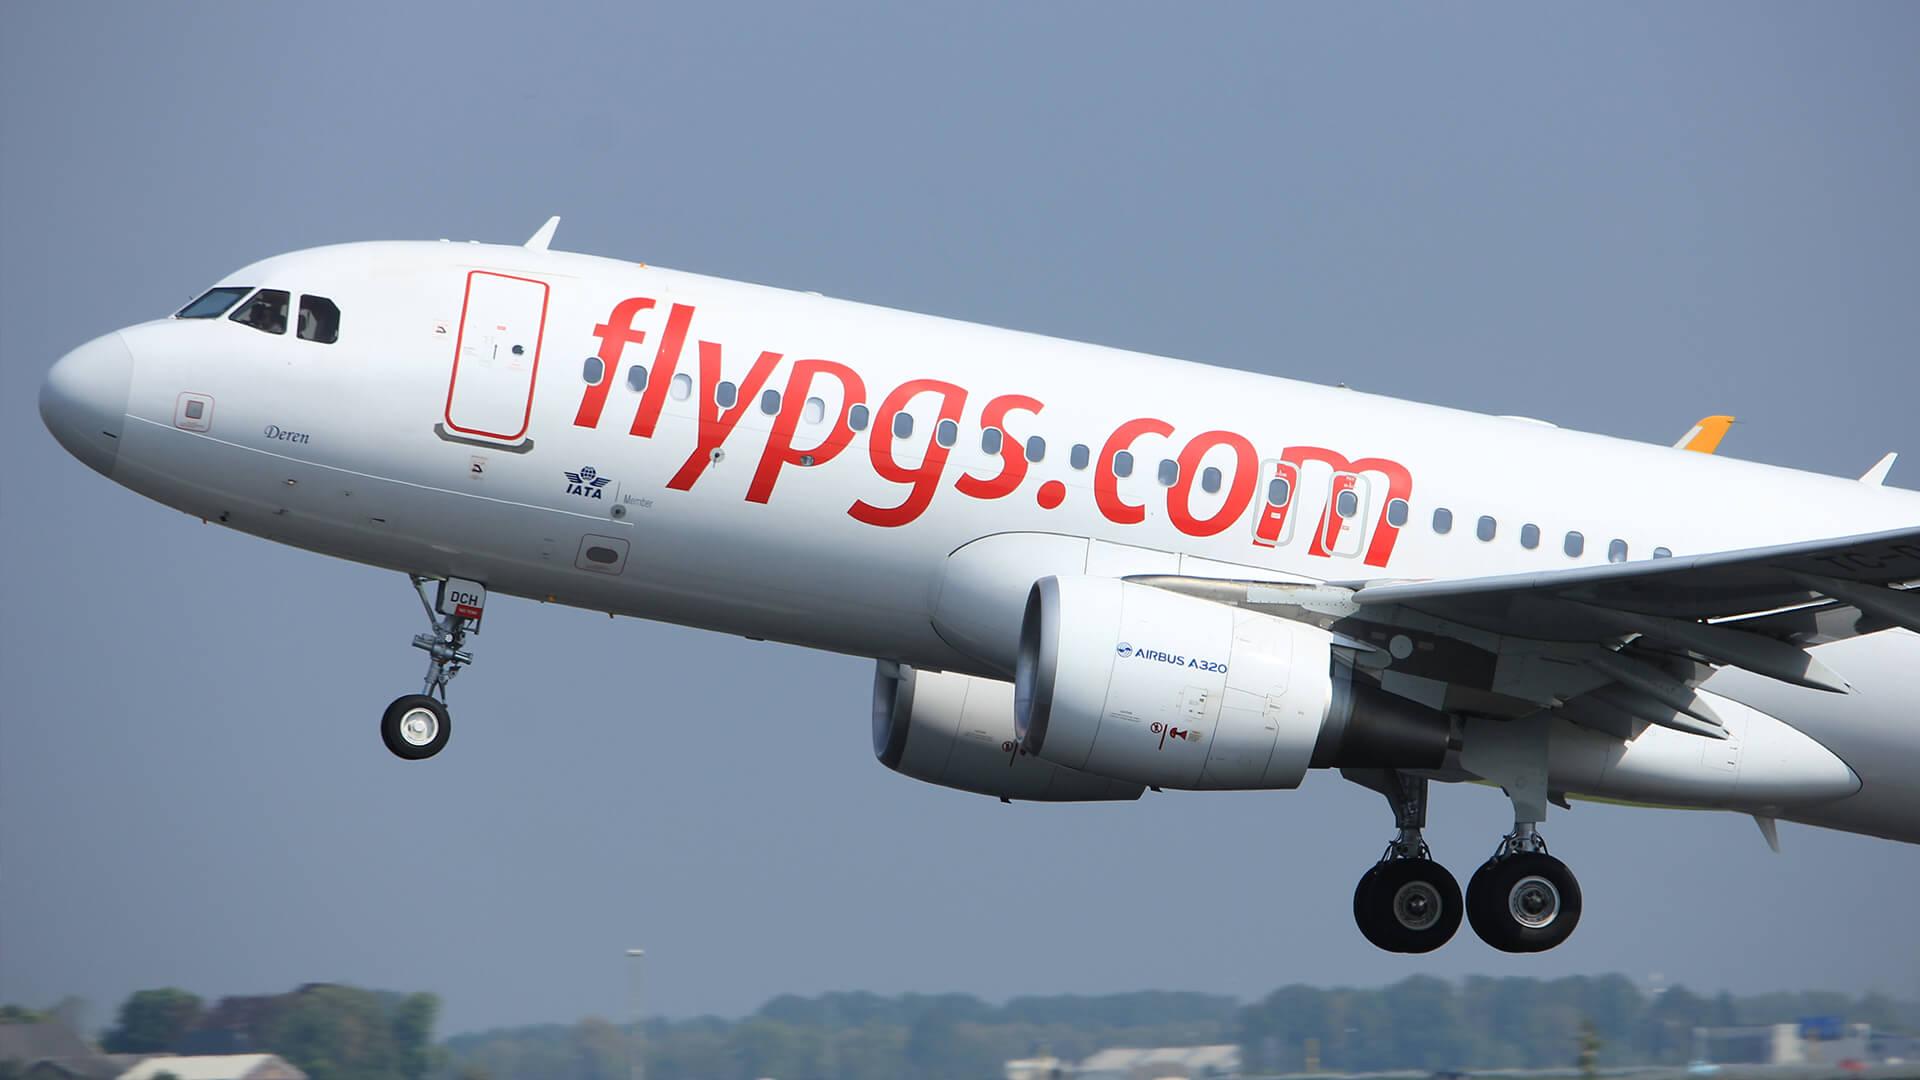 Flypgs